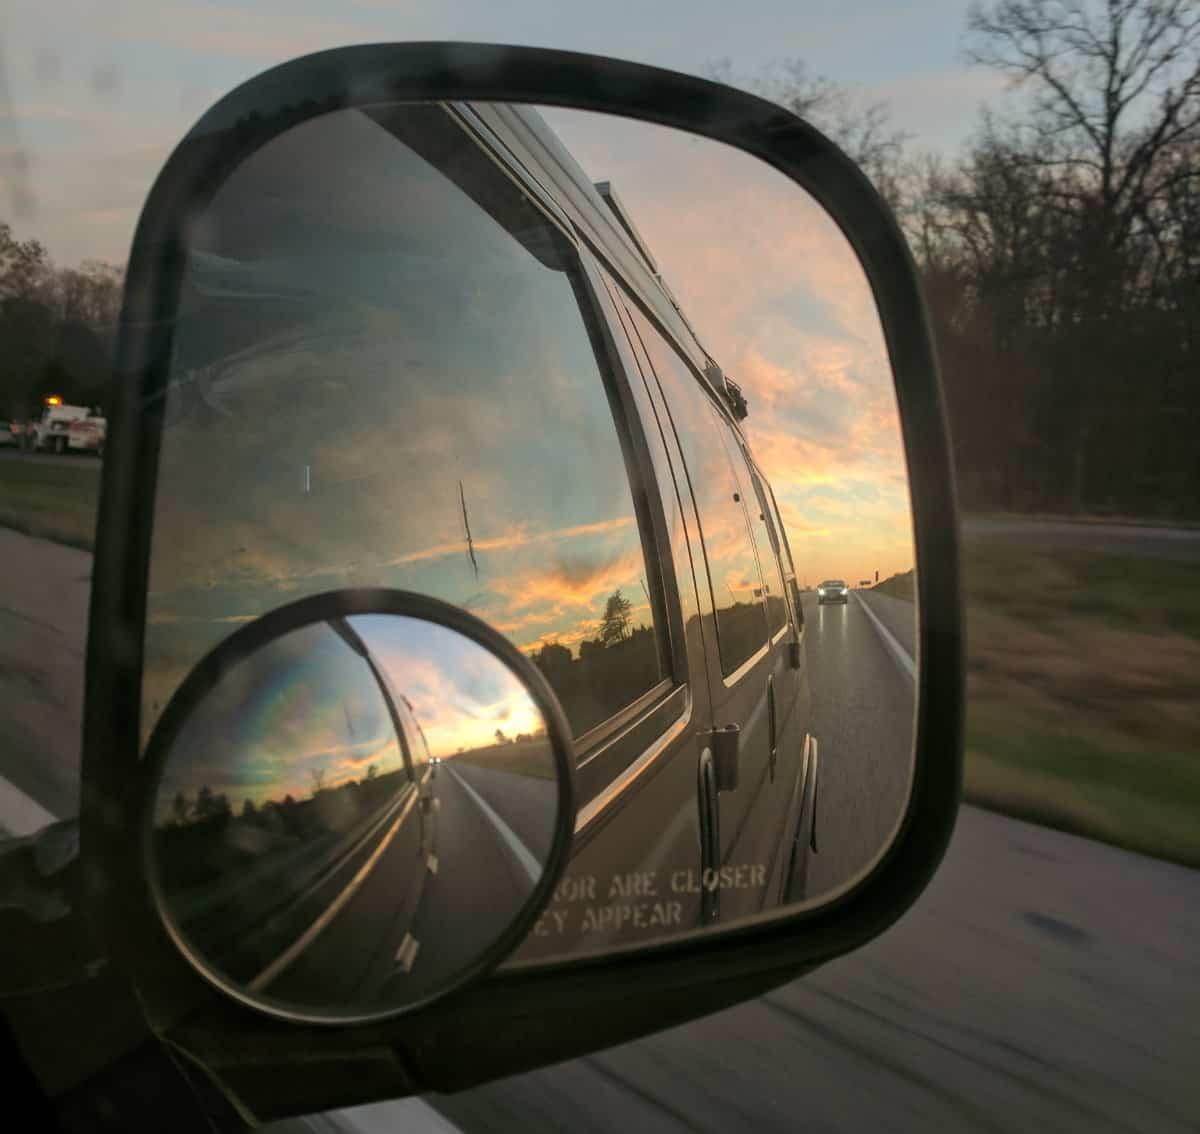 vanlife open road freedom